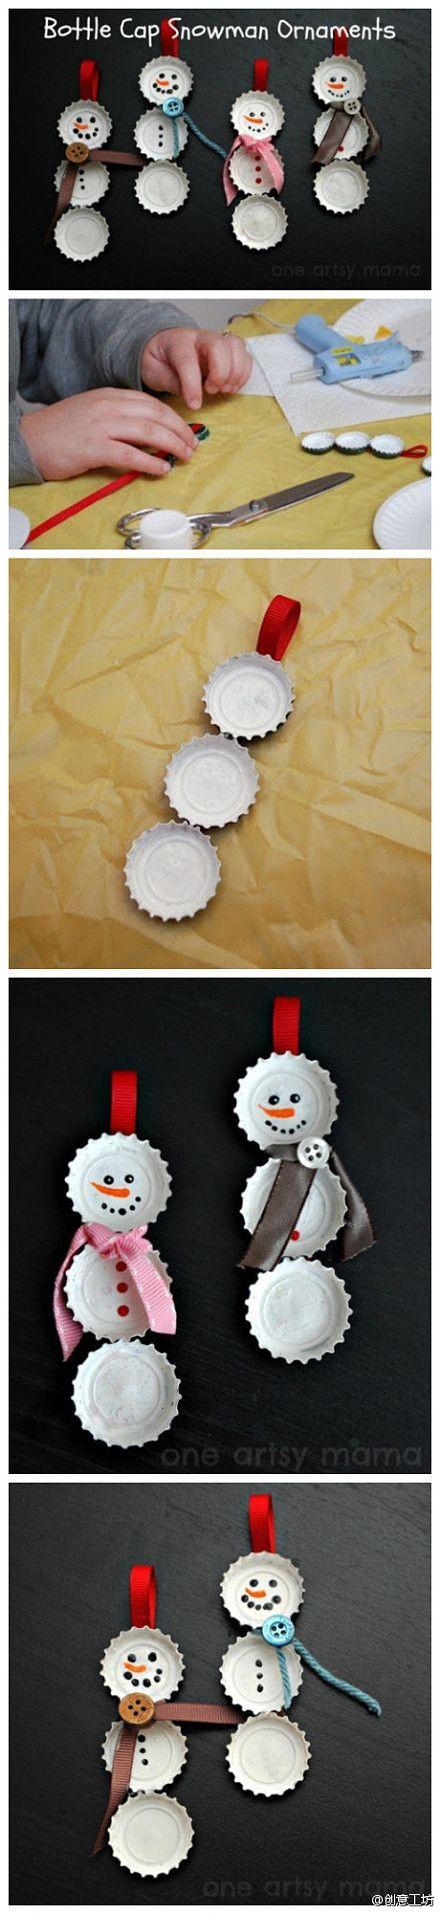 手工DIY 利用废弃的瓶盖制作的小雪人